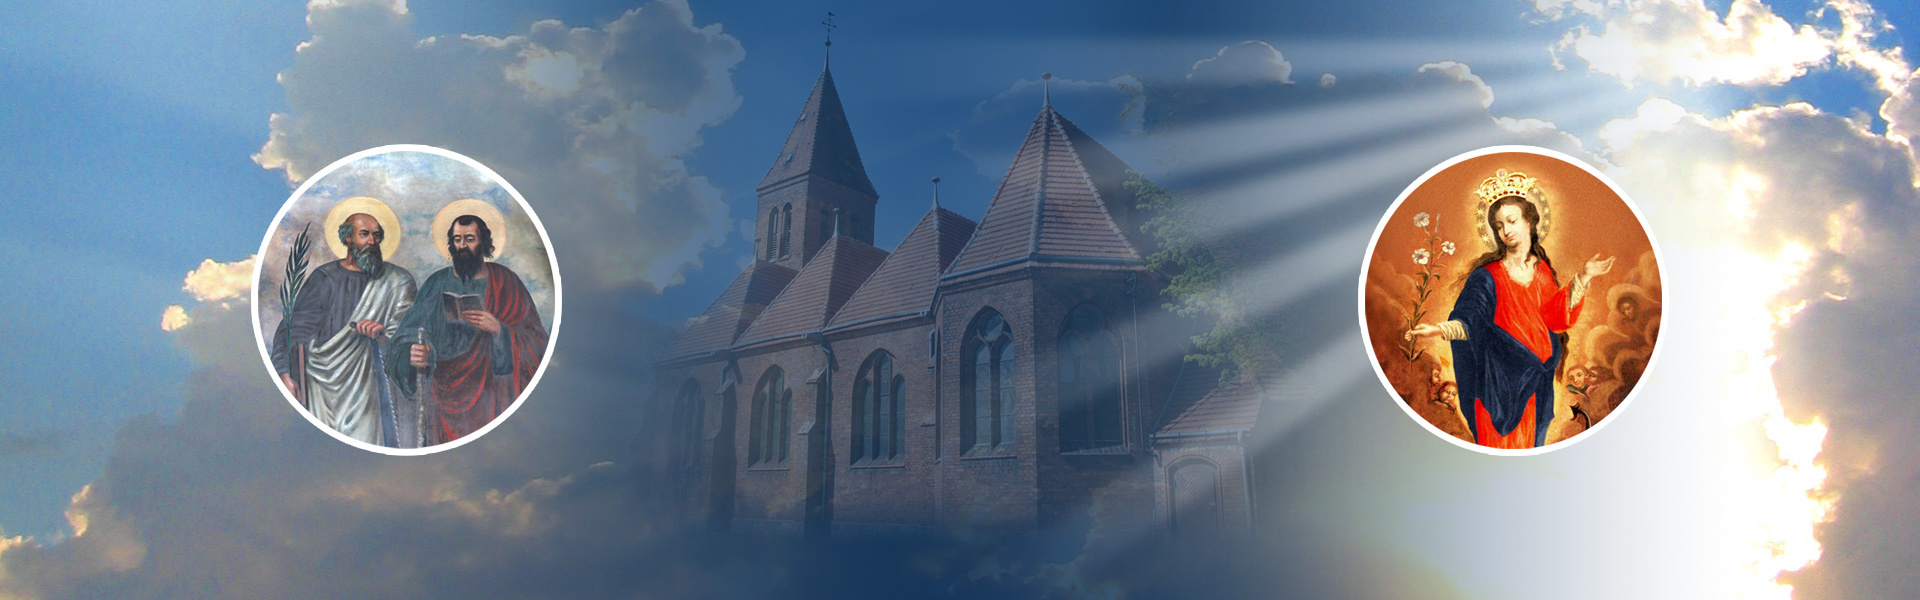 Sanktuarium Matki Bożej Brzemiennej